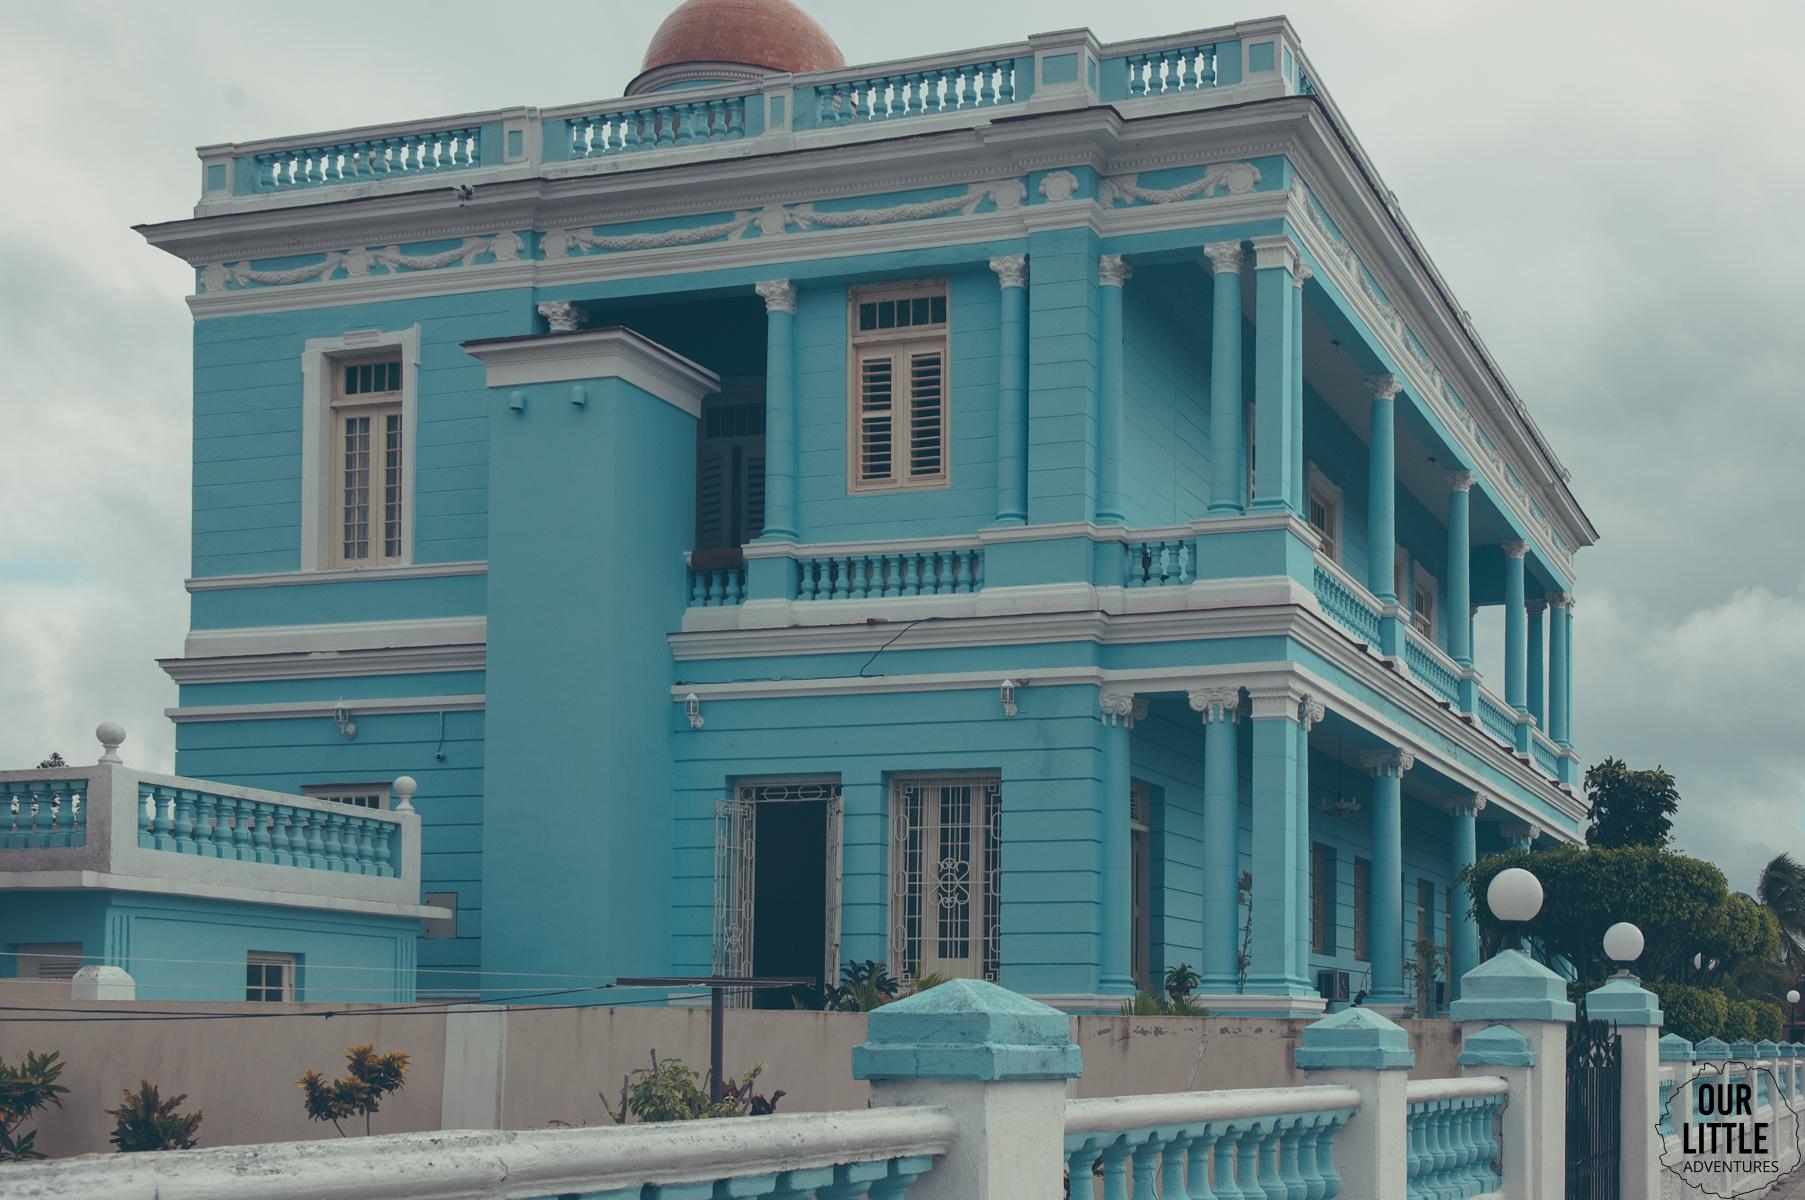 palacio azul - to przykład jednego z ładniejszych budynków w Cienfuegos